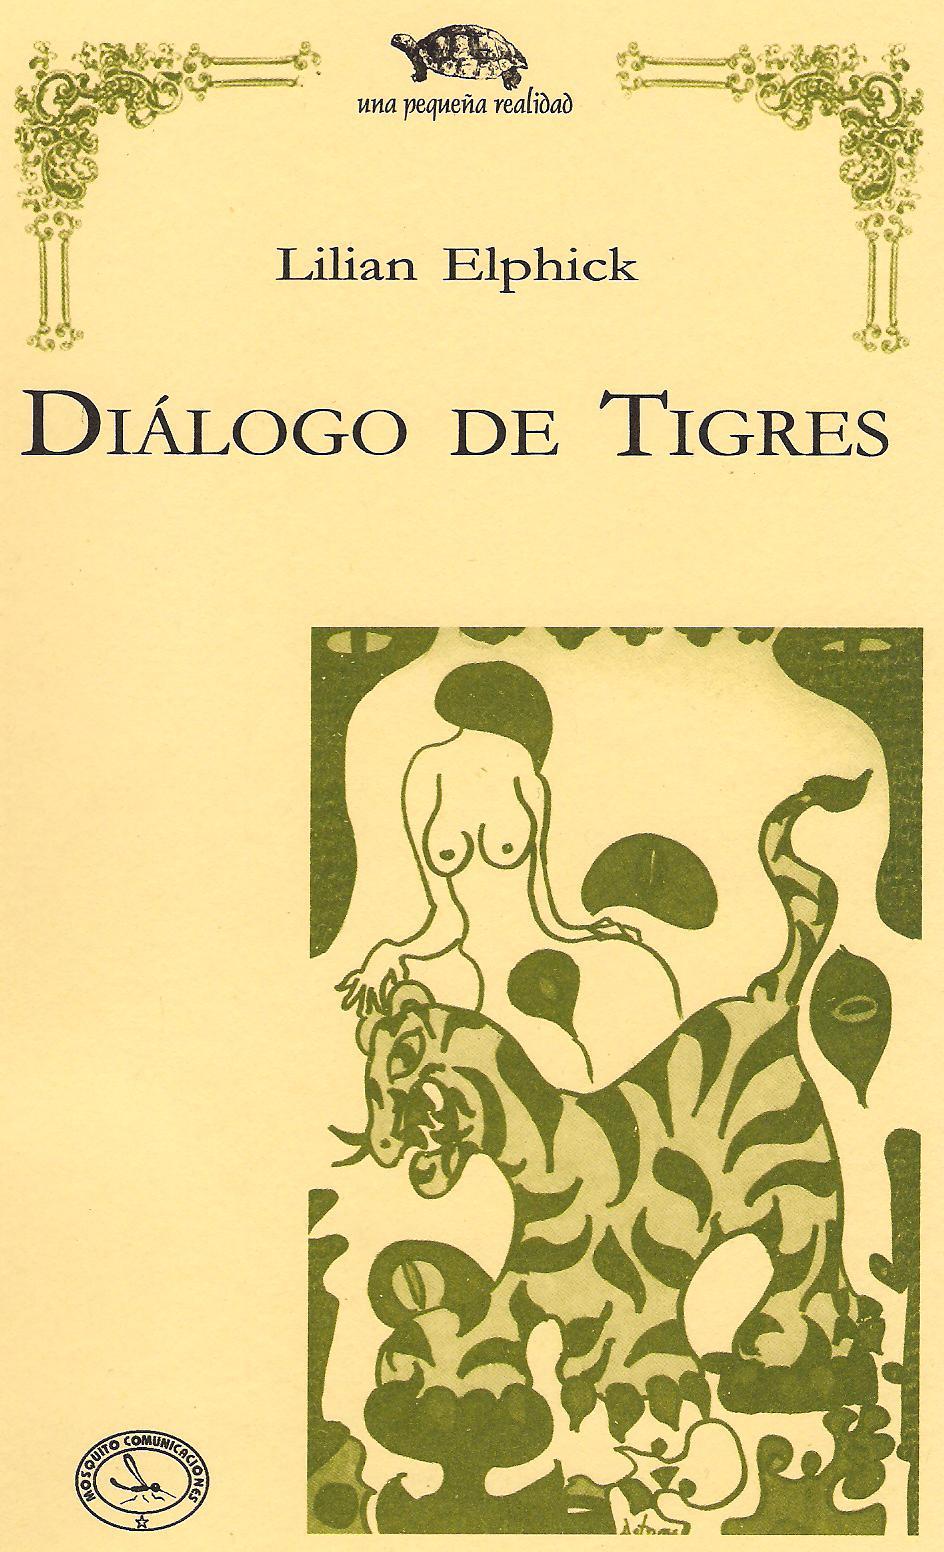 Diálogo de tigres